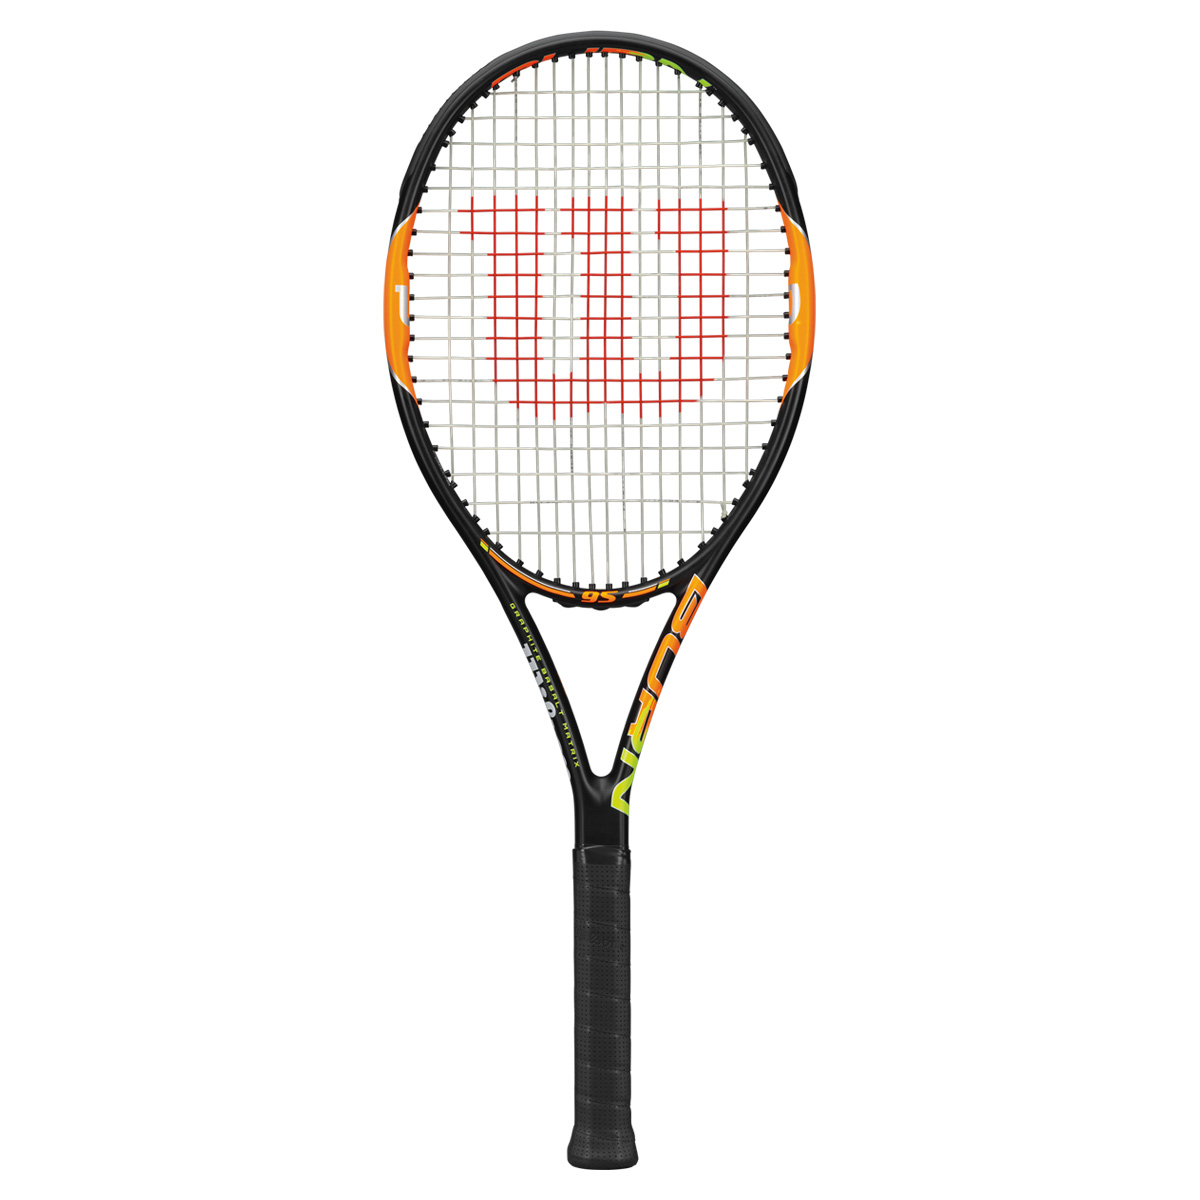 ★シープ+ナイロンハイブリッド張り★BURN95【WILSON 硬式テニスラケット】WRT727120-